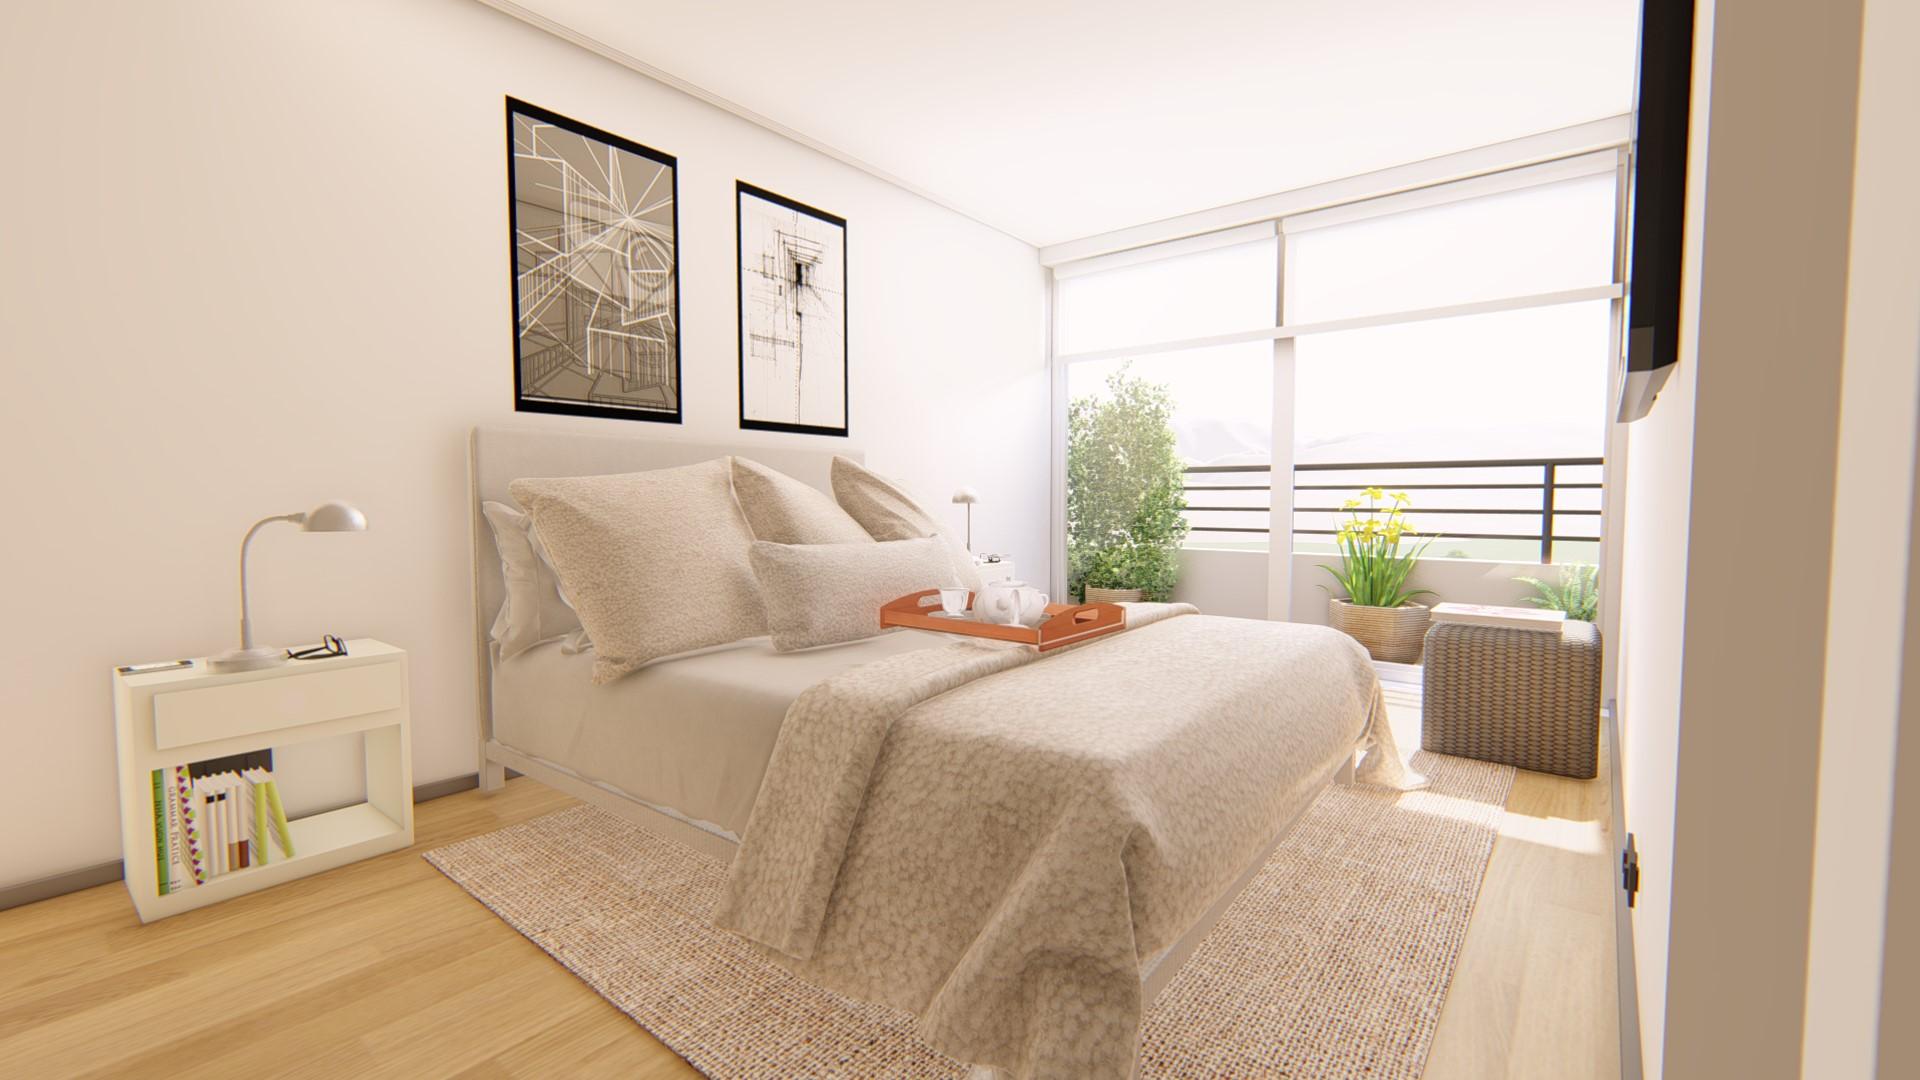 07-proyecto-ceppi-la_cisterna-dormitorio1-grupo_axion